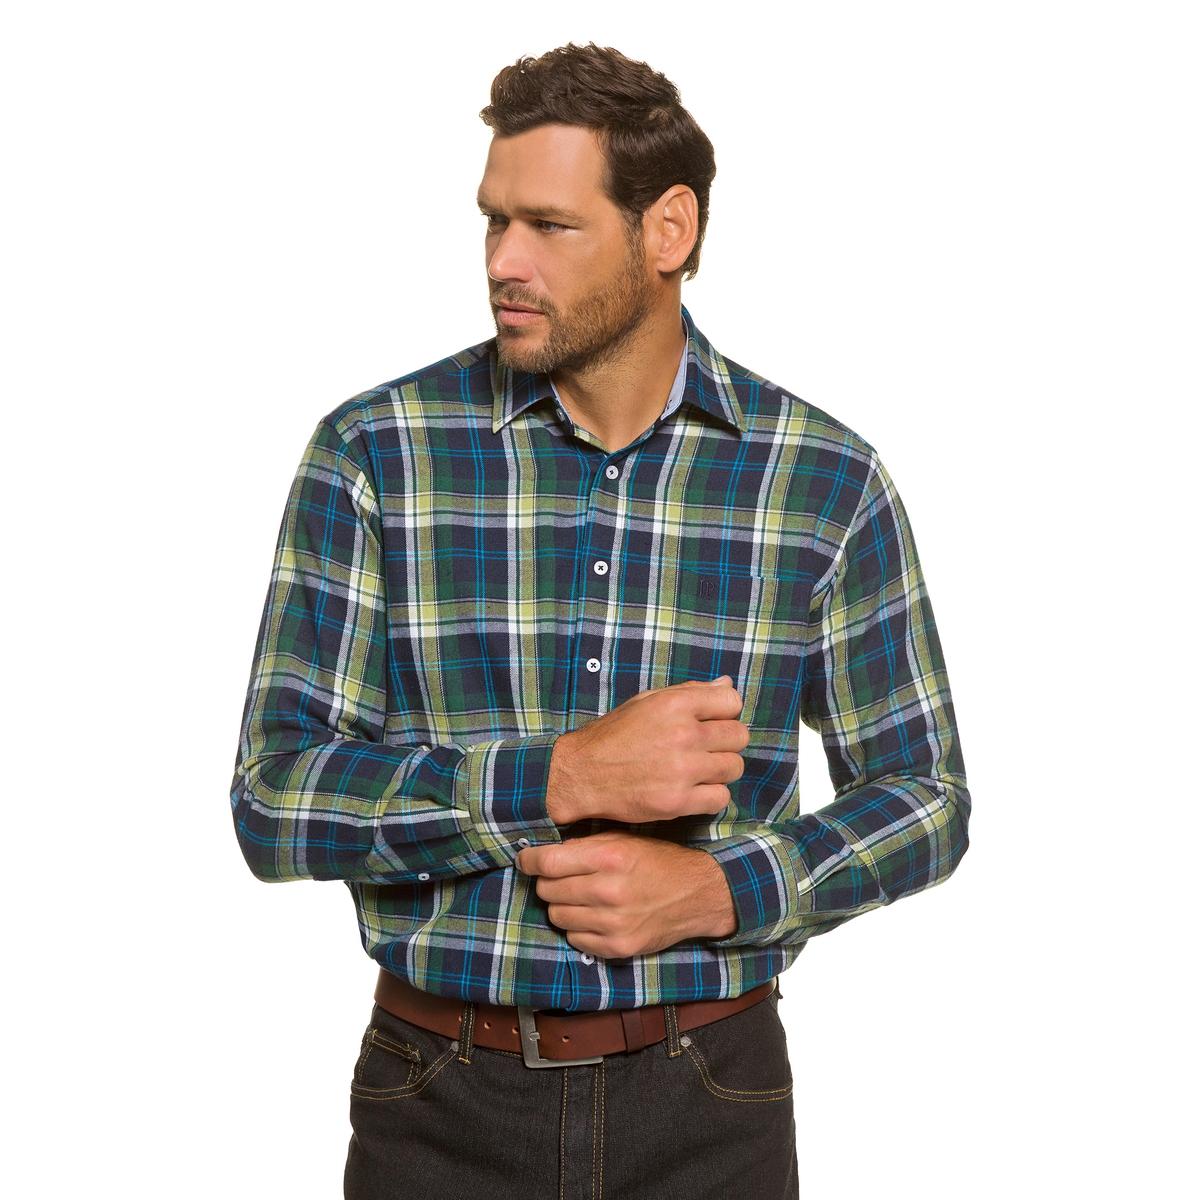 РубашкаРубашка из фланели в клетку, с длинными рукавами JP1880. 100% хлопка. Воротник Kent и нагрудный карман . Удобный покрой. Длина в зависимости от размера ок. 82-96 см.<br><br>Цвет: в клетку<br>Размер: 7XL.5XL.3XL